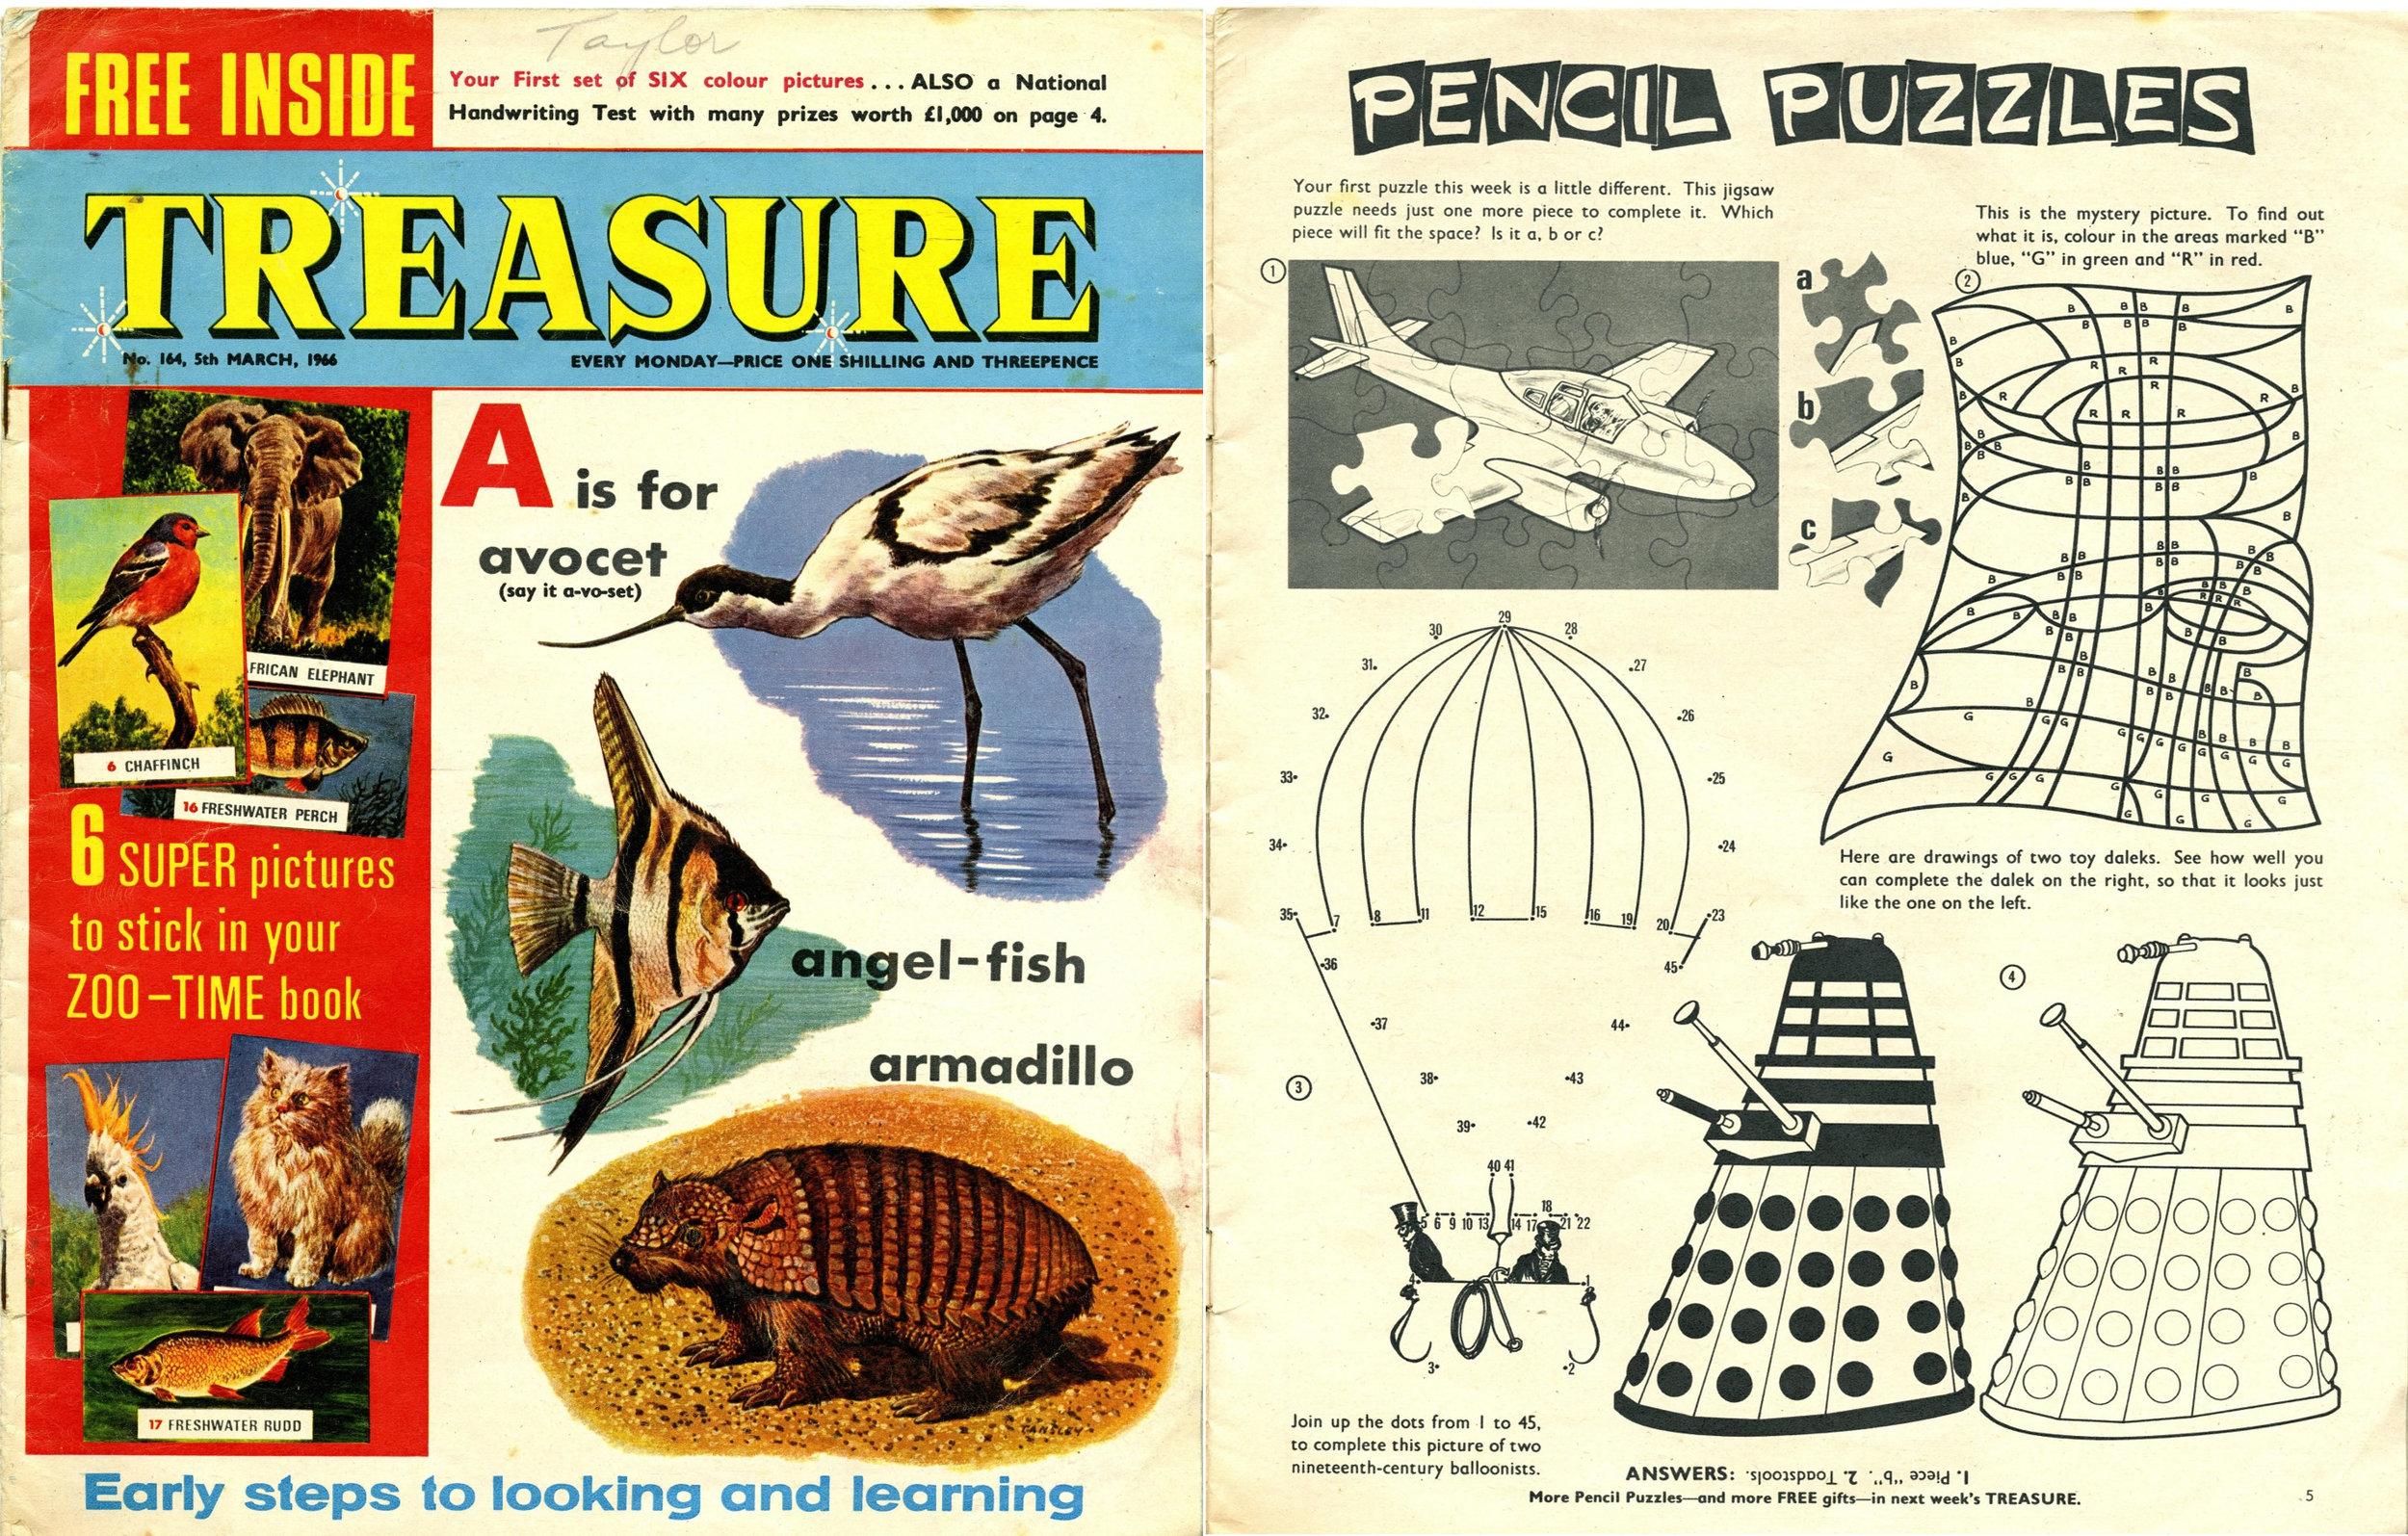 Treasure, 5 March 1966